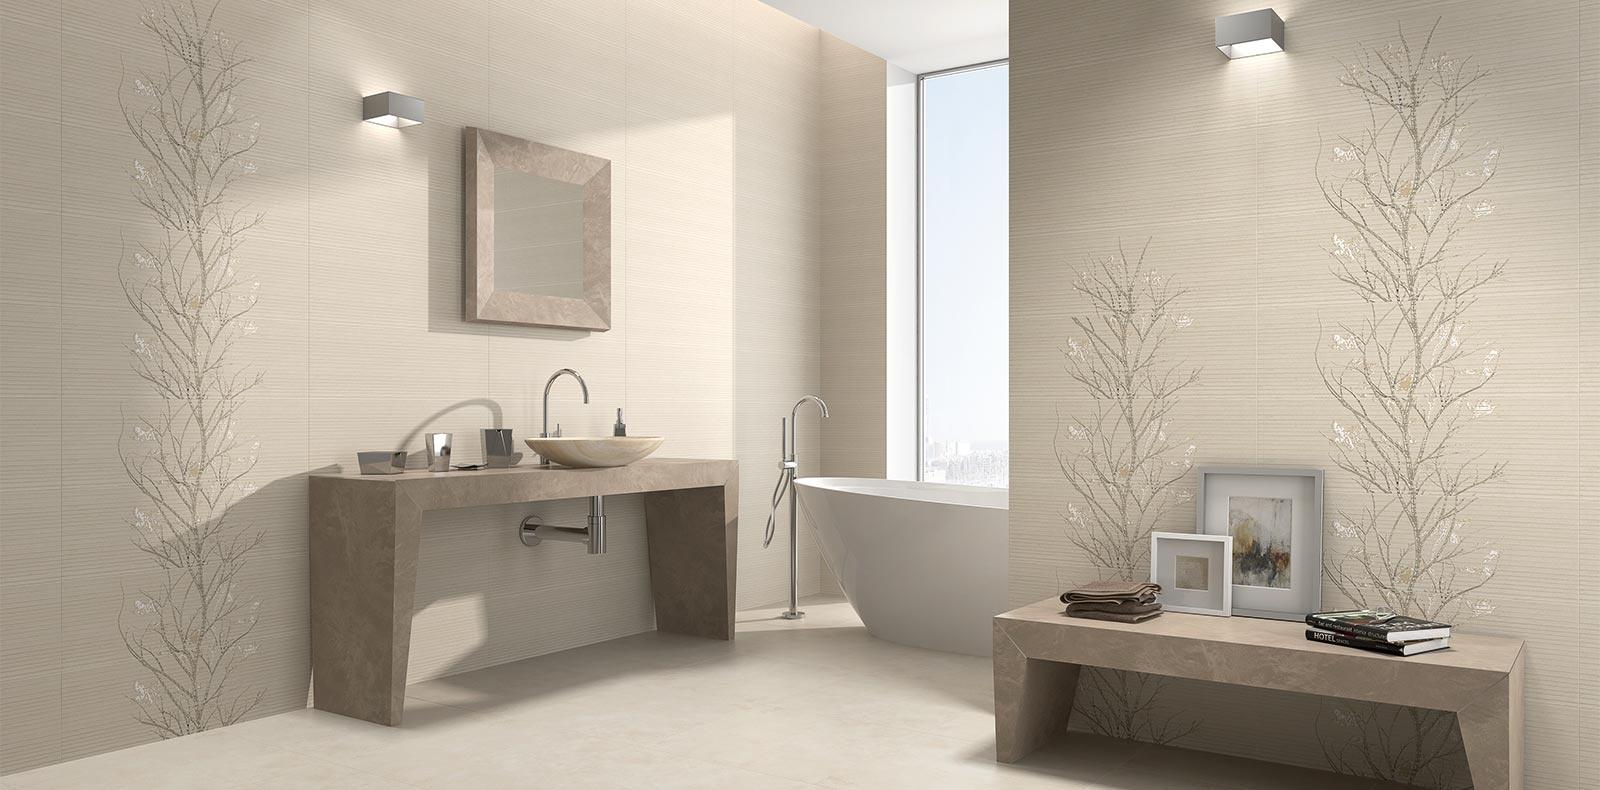 Photo De Salle De Bain Noir Et Blanc modele salle de bain carrelage modele faience salle de bain